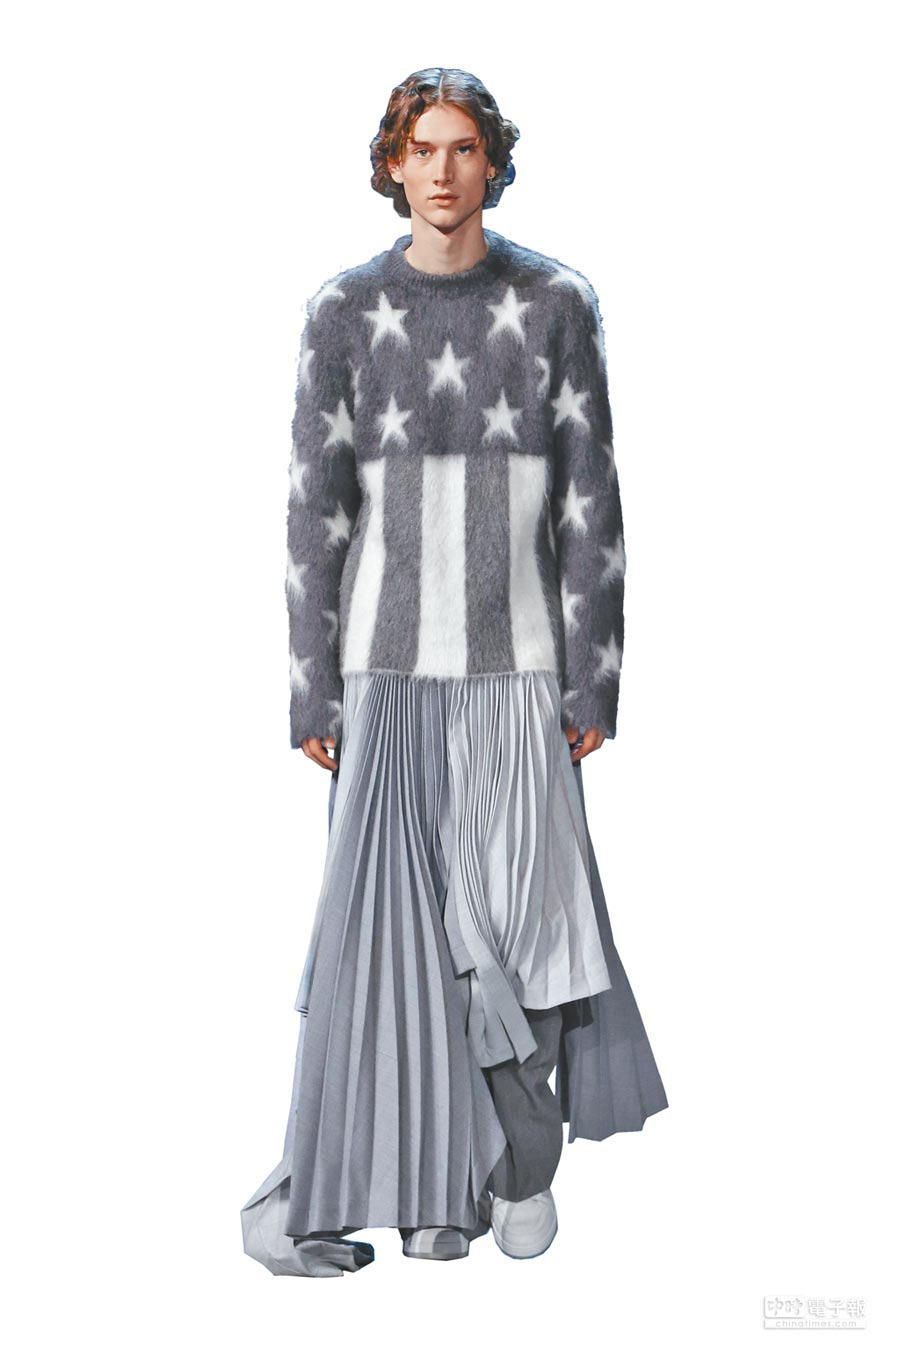 美國國旗上的星條圖騰,是本季的重點符號之一。(LV提供)